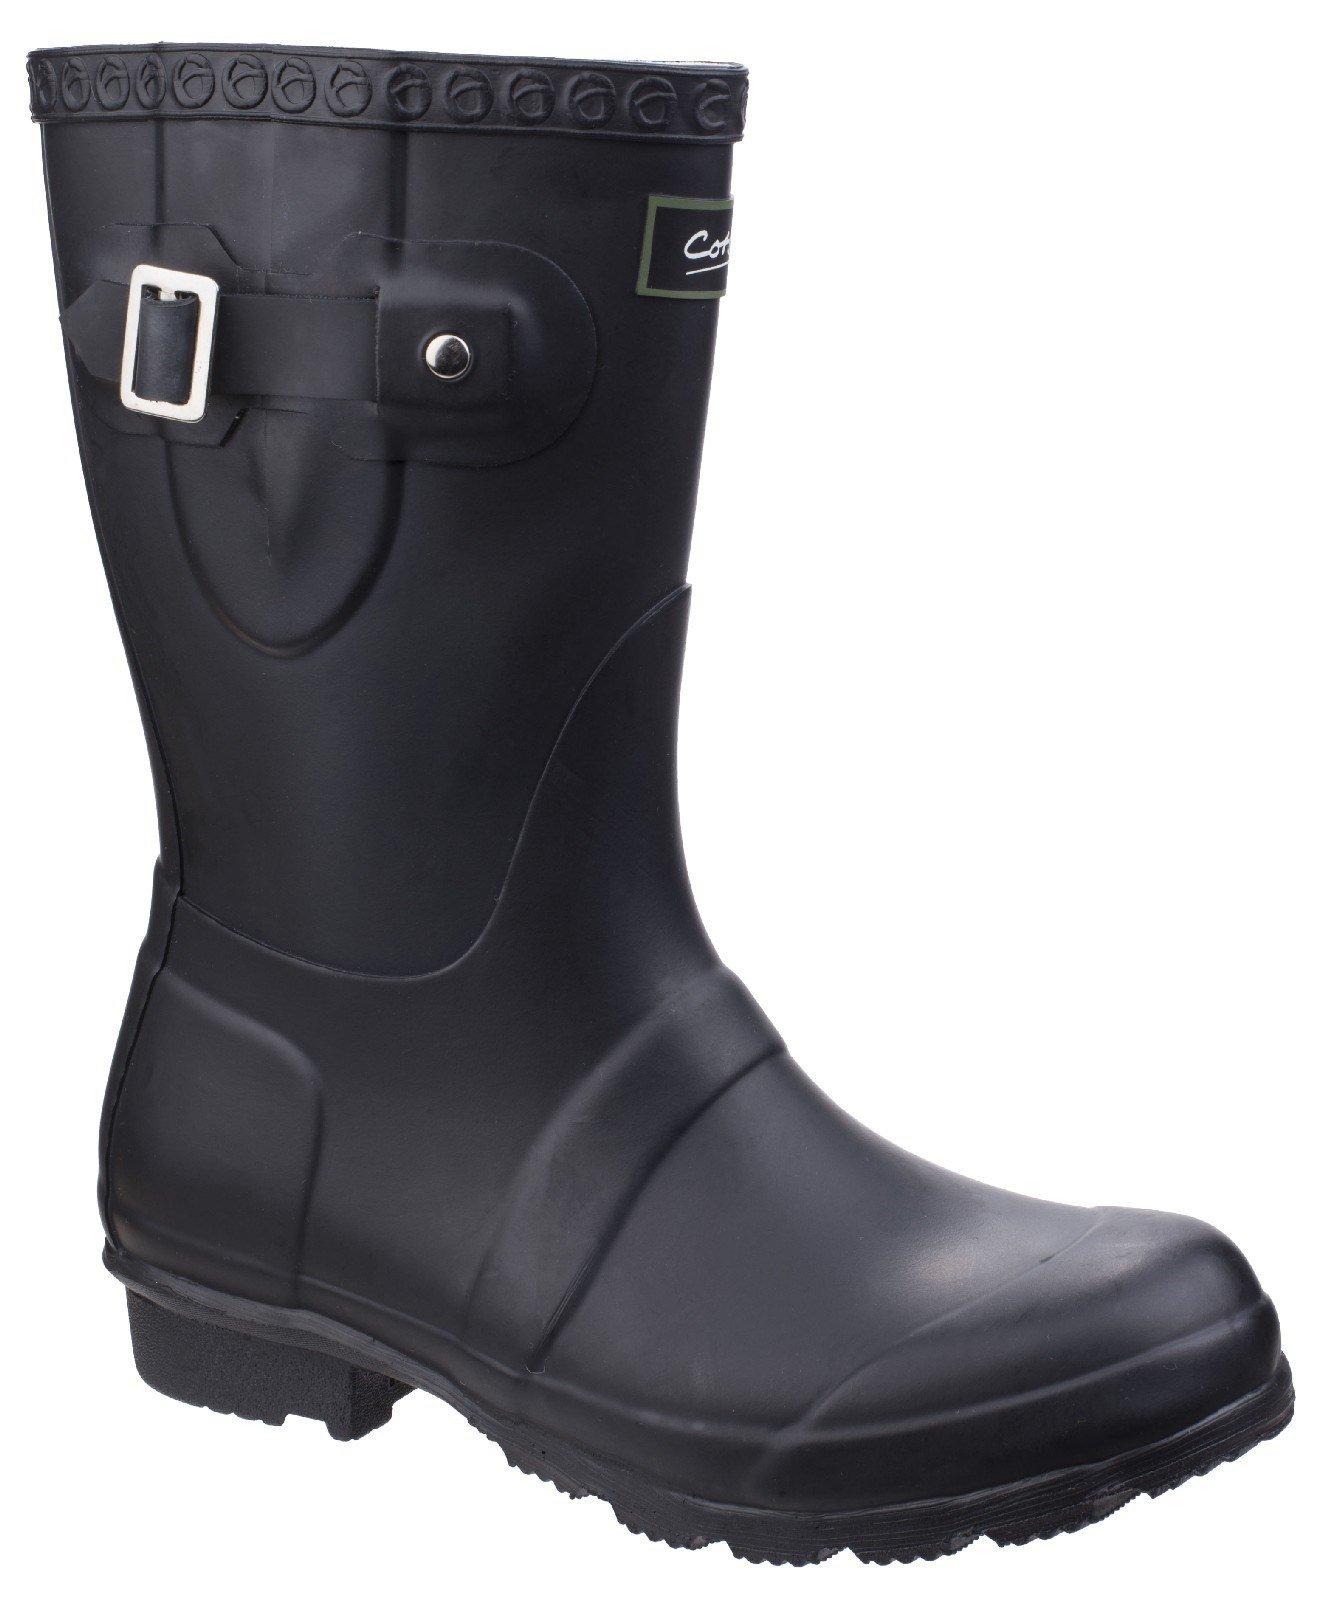 Cotswold Women's Windsor Short Wellington Boot Various Colours 25537 - Black 3